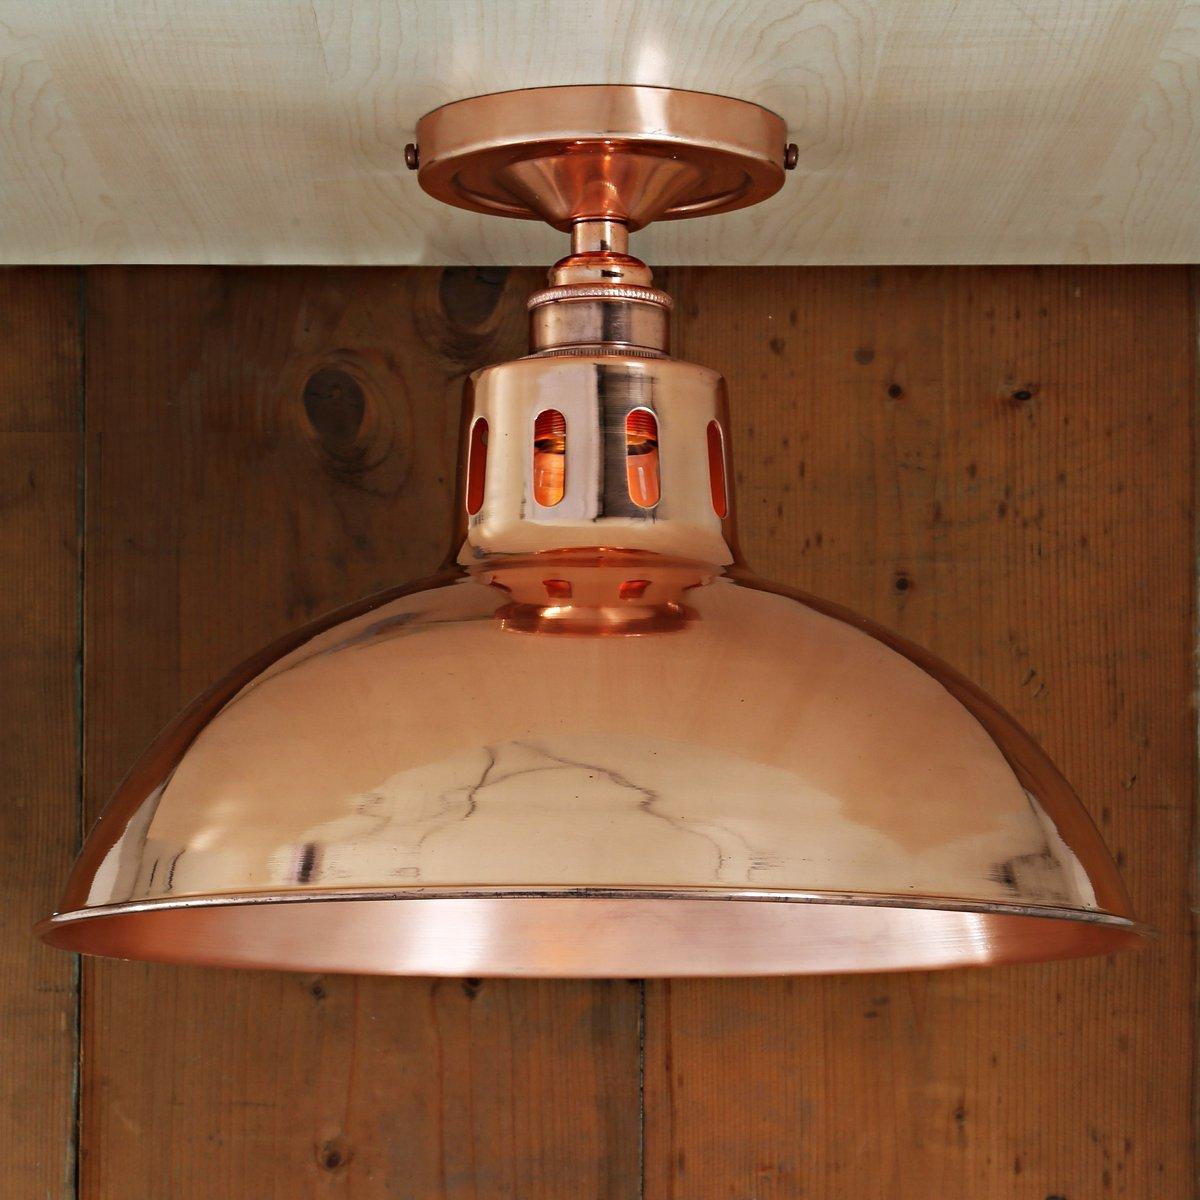 Kupfer Deckenlampe industrie-deckenleuchte aus kupfer Ø 30 cm - casa lumi